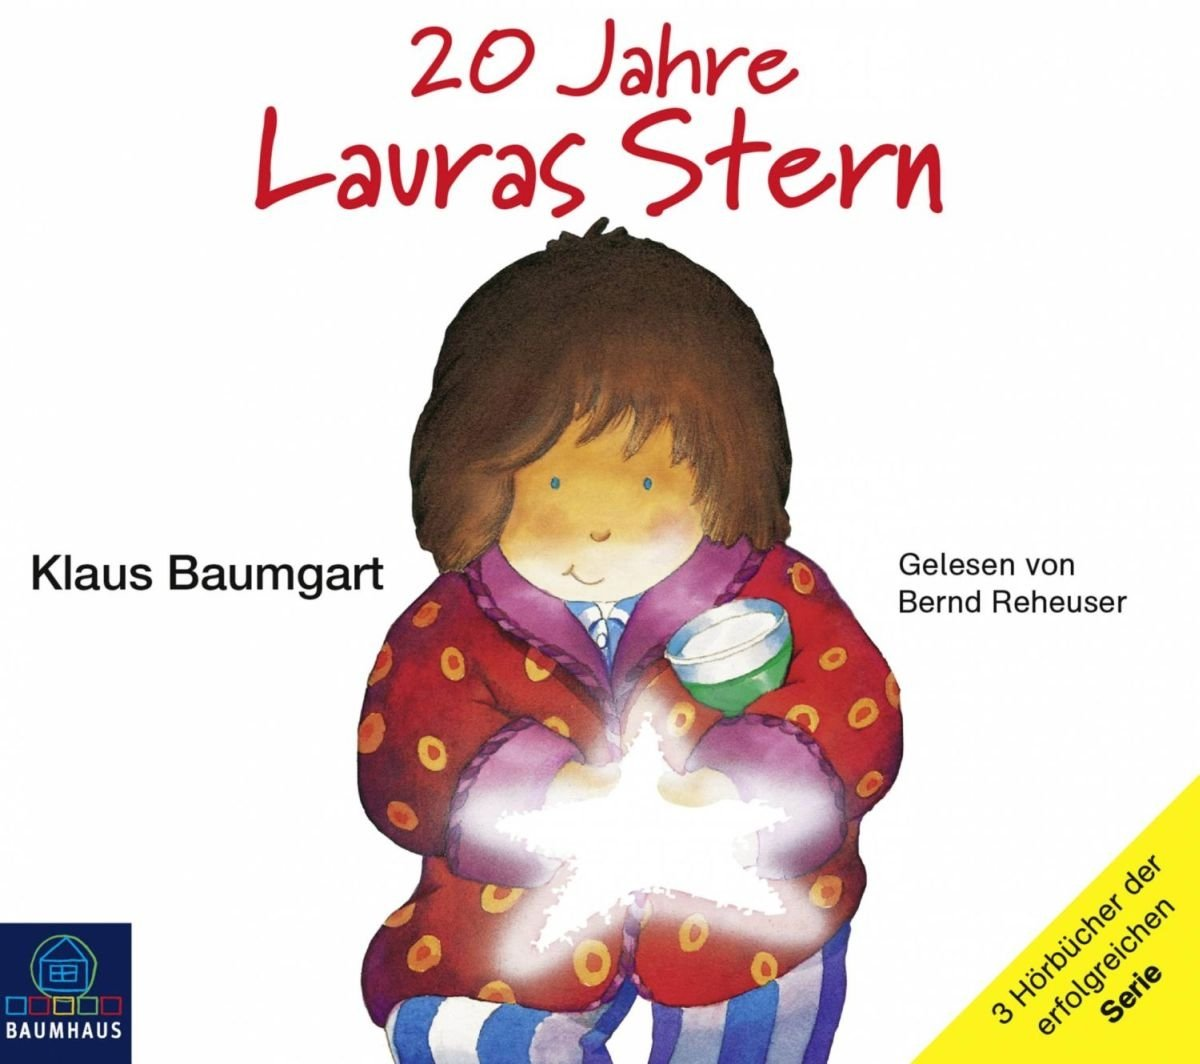 jubilumsbox-20-jahre-lauras-stern-laura-und-das-kleine-ktzchen-laura-und-die-lampioninsel-lauras-piratenschatz-lauras-stern-erstleser